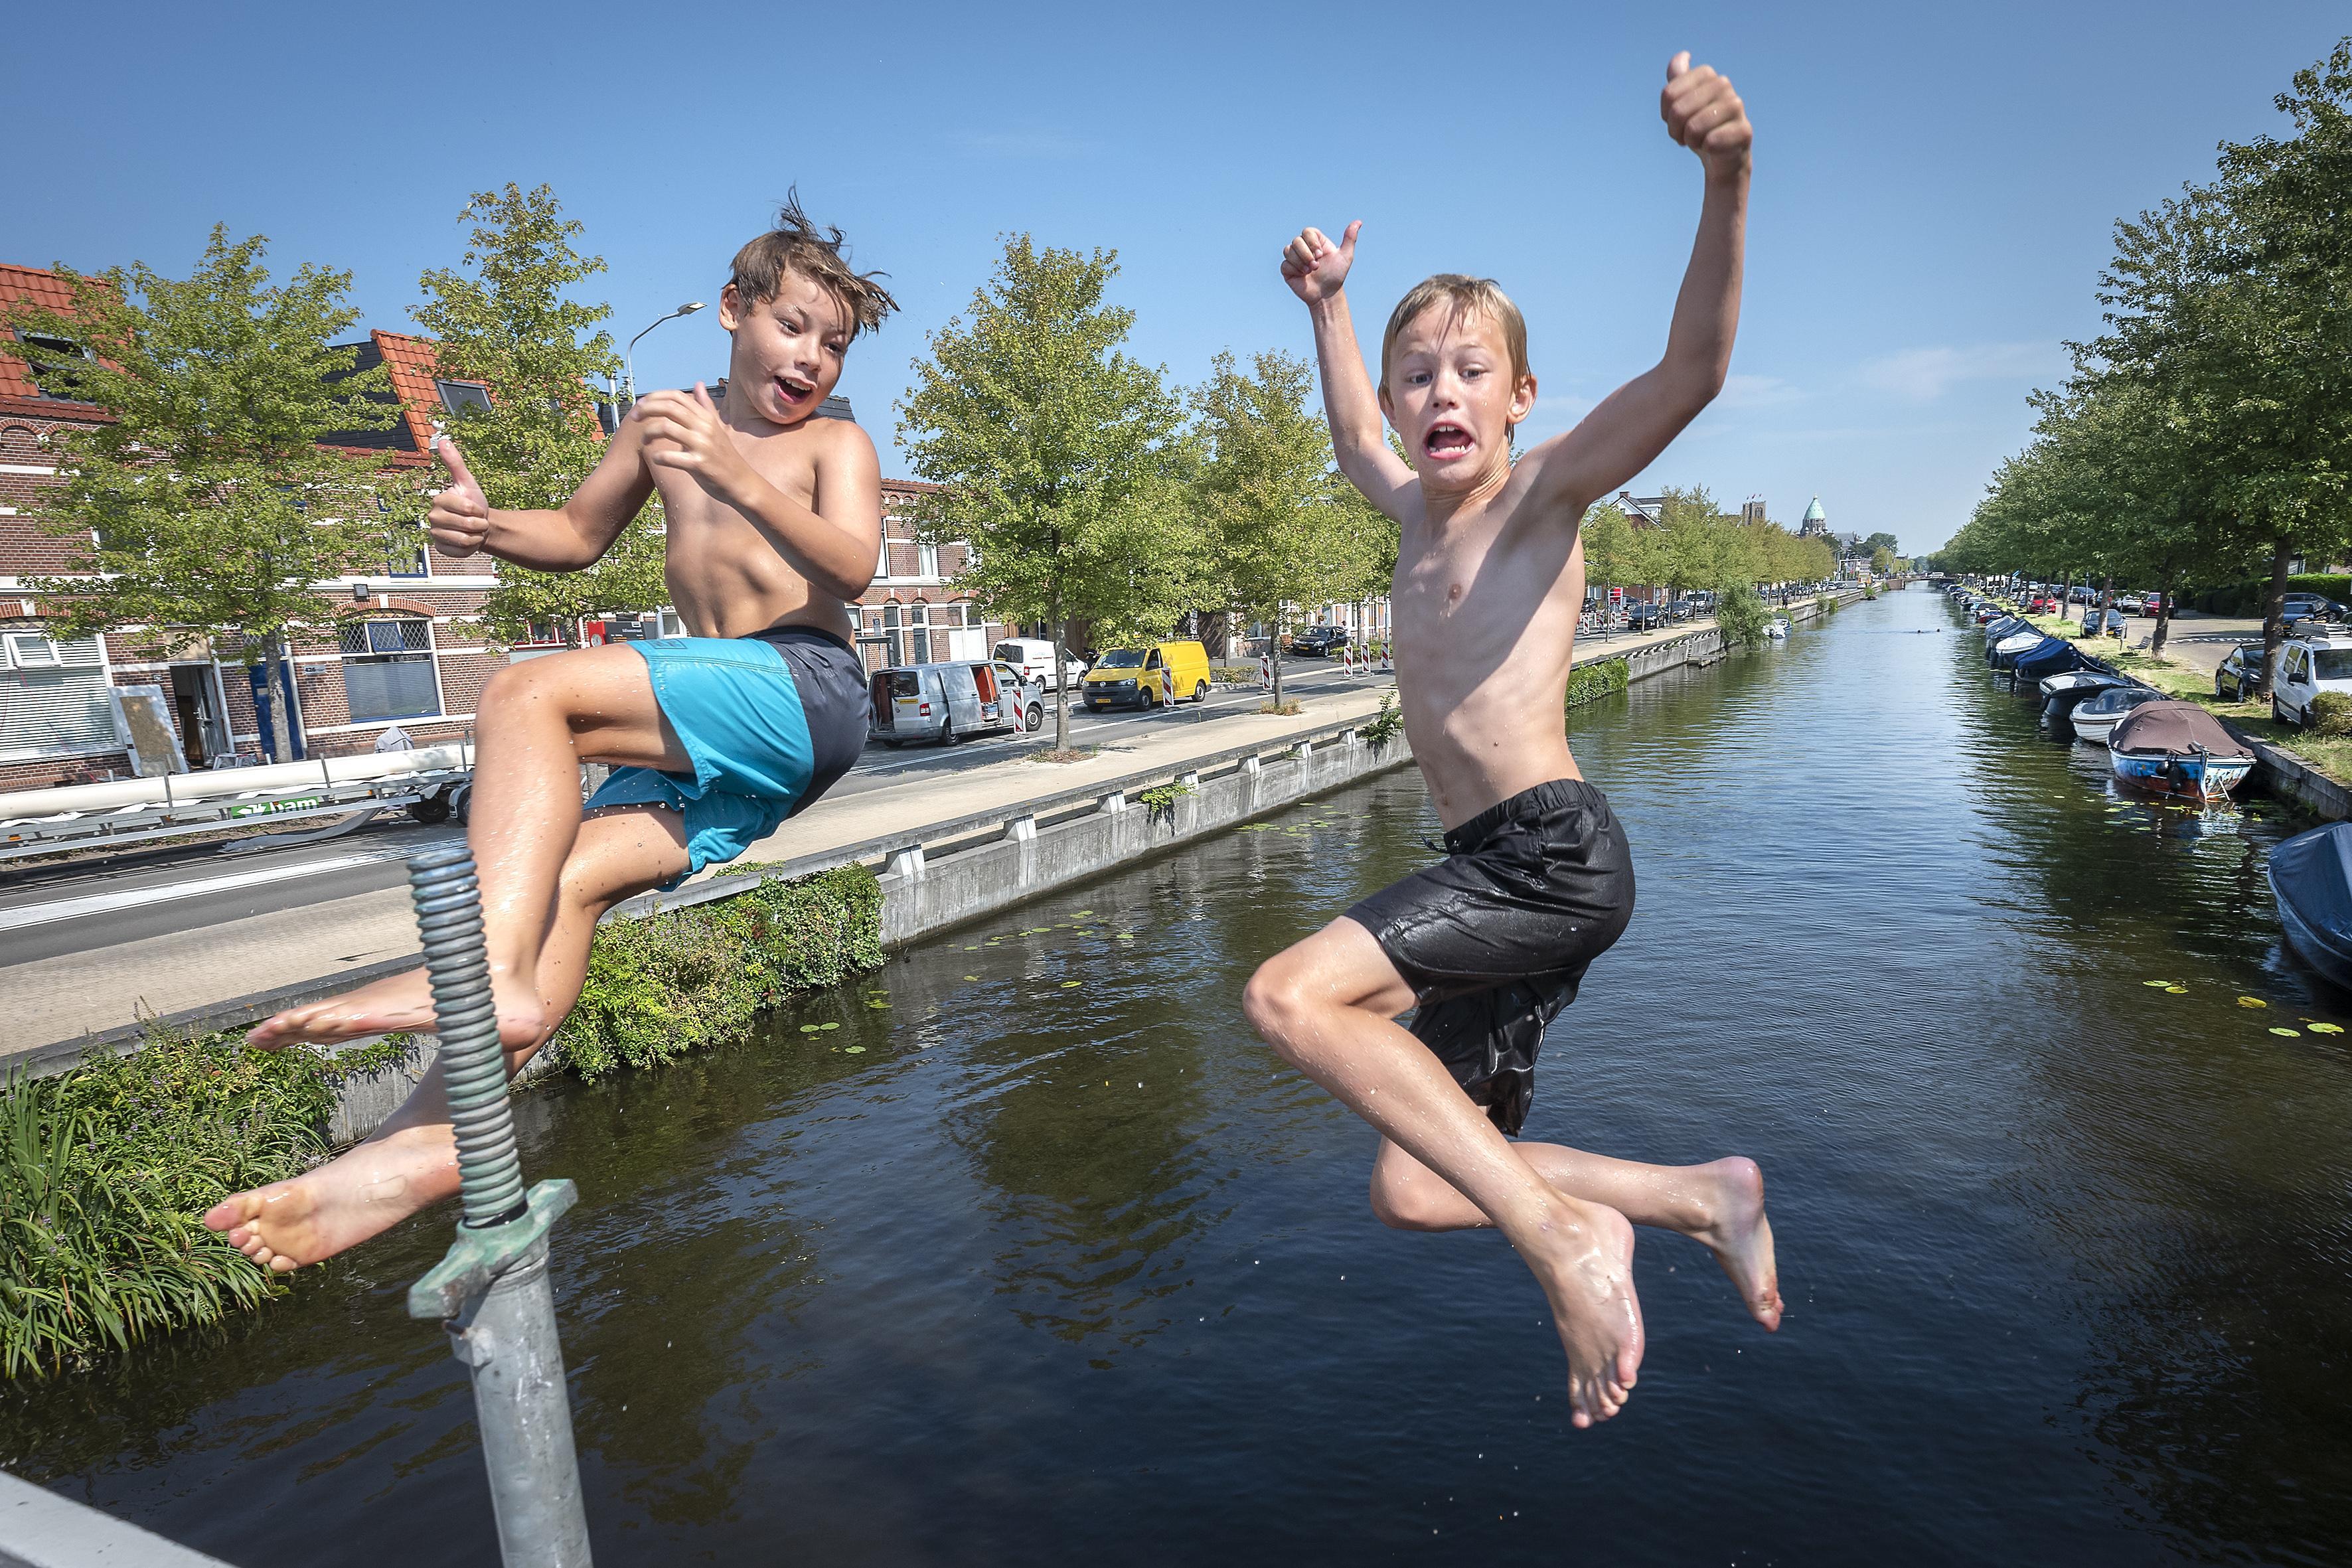 Haarlemse brugspringertjes genieten van verkoeling en waarschuwen elkaar bij naderende bootjes